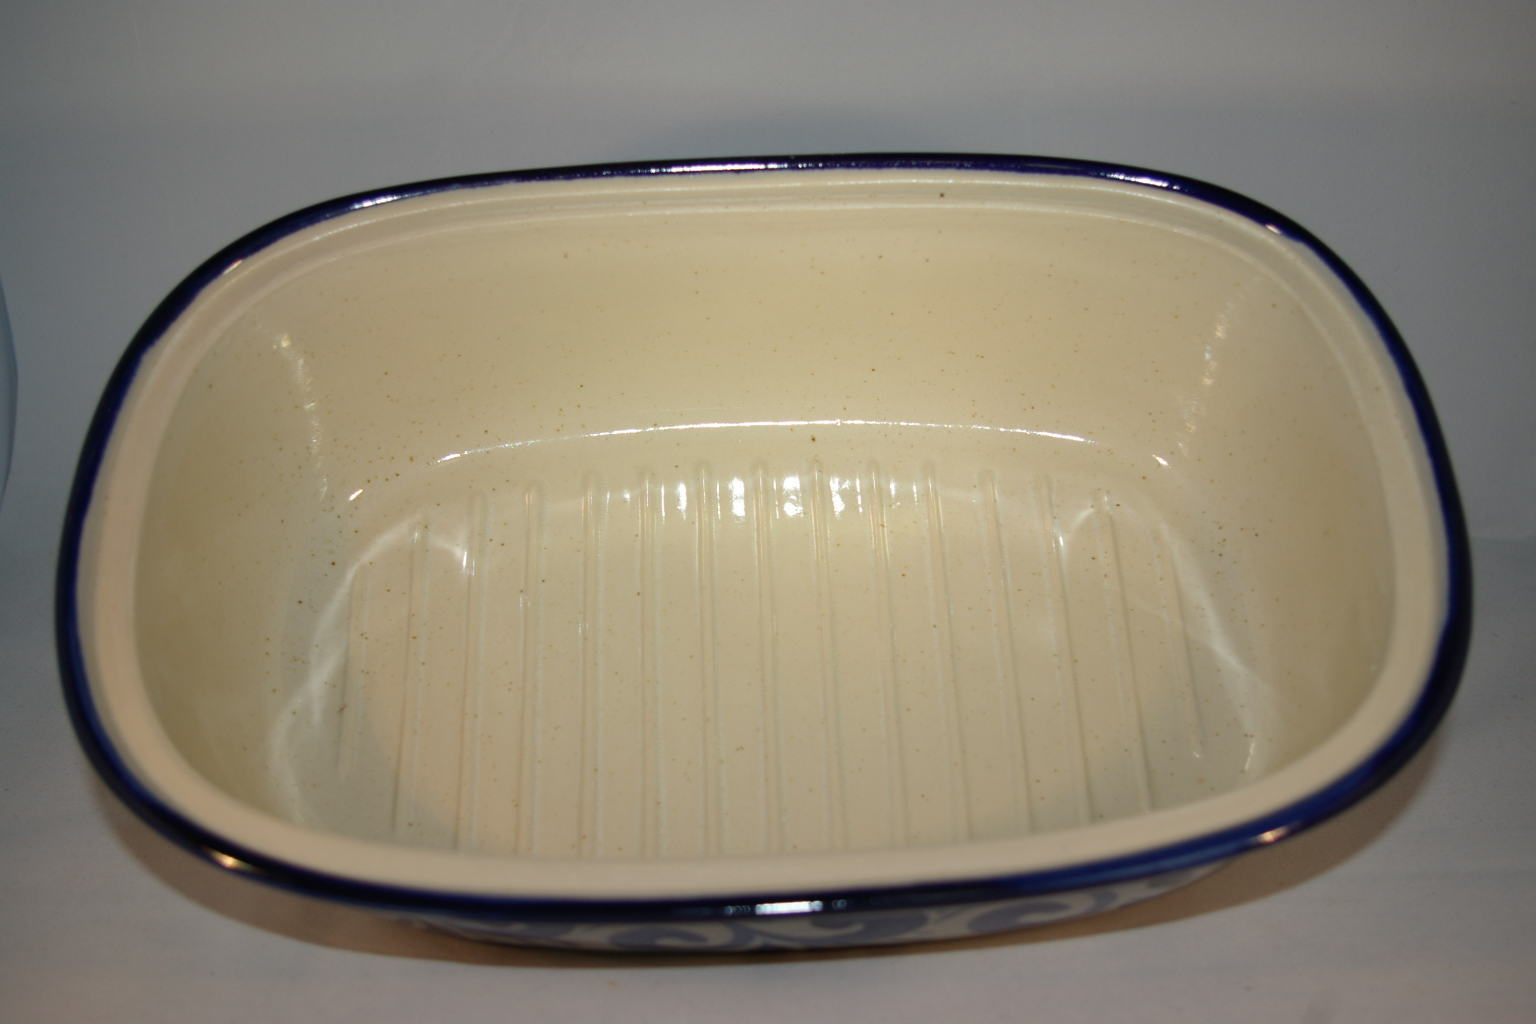 Unterschied Ton Keramik brottopf 30 cm grau blau keramik seifert ronny seifert